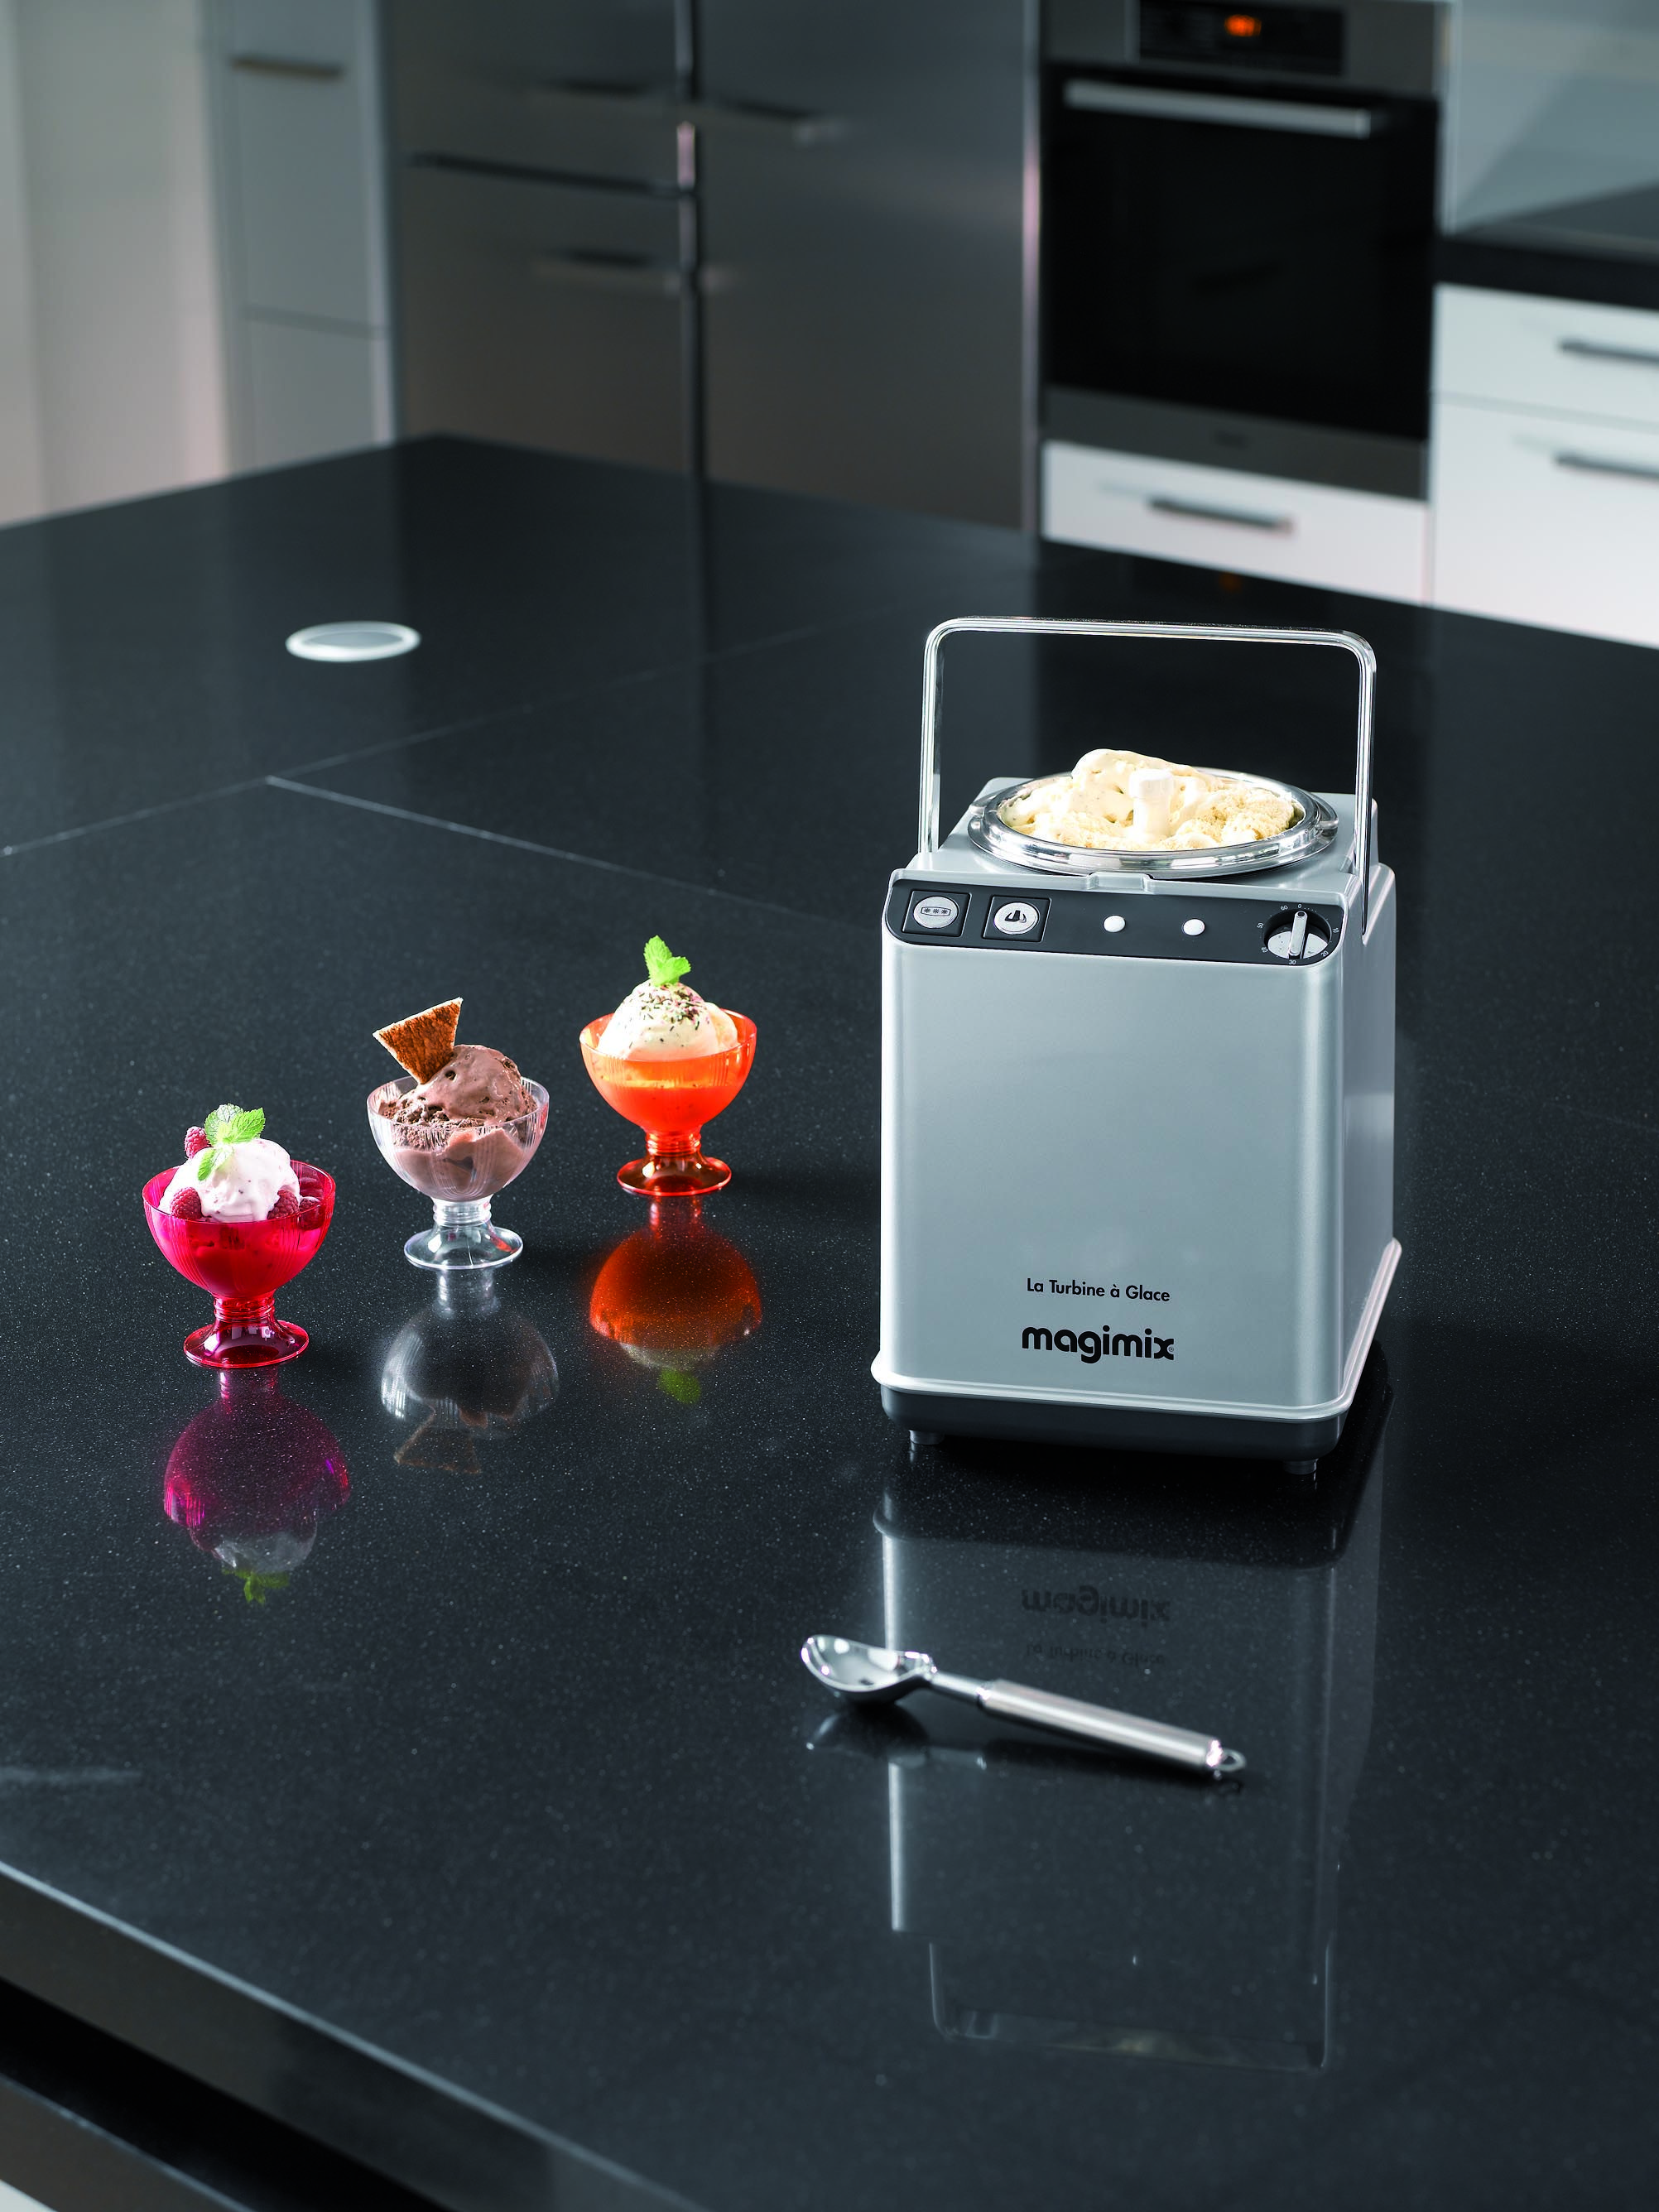 Eis, die leckerste Erfrischung, wenn sie auch noch selbst gemacht ist.